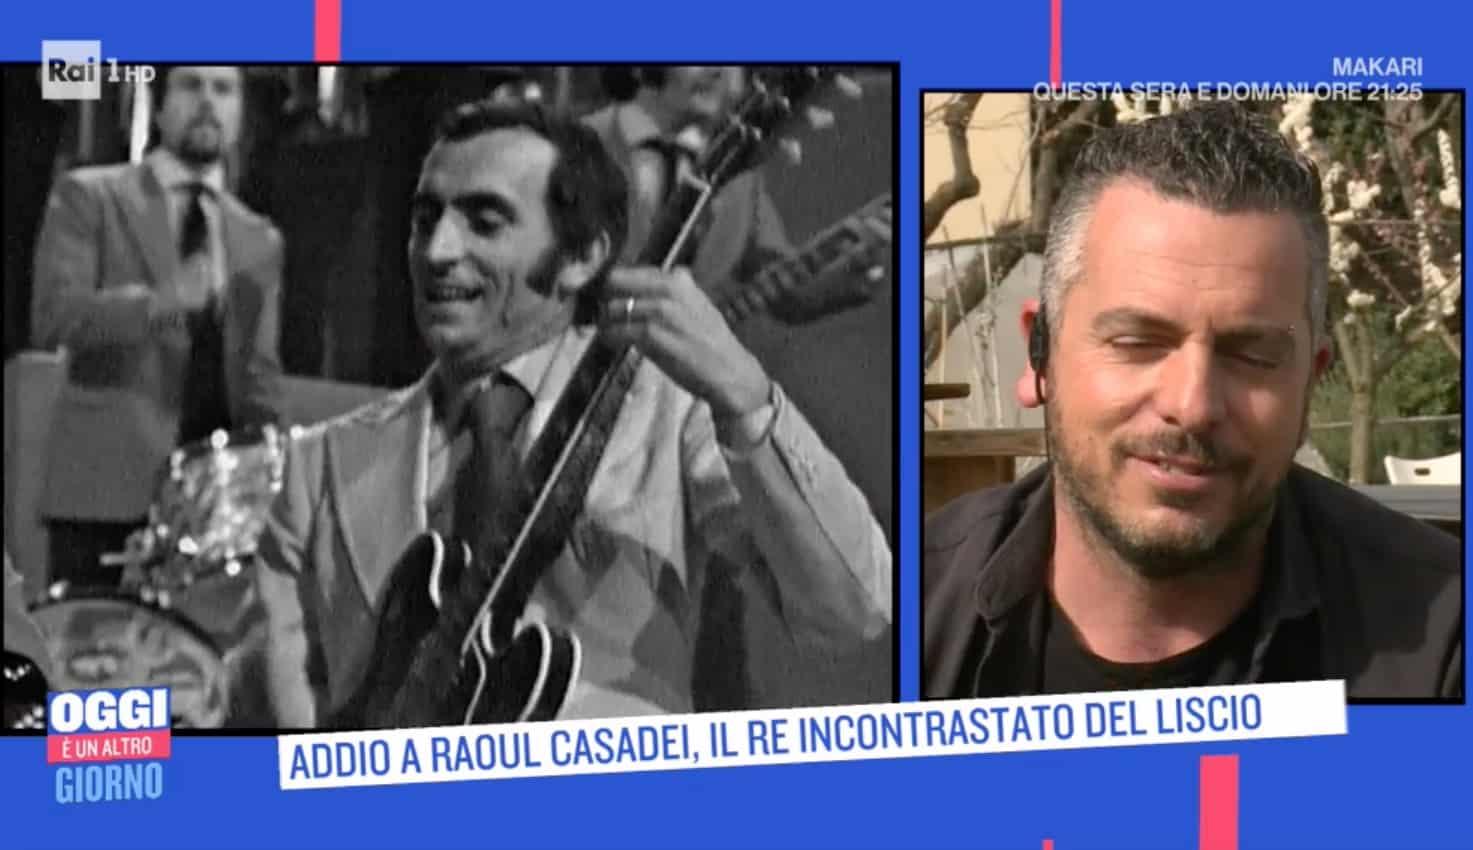 Niente funerale per Raoul Casadei ma una festa e Mirko spiega perché non lo chiama papà (Foto)